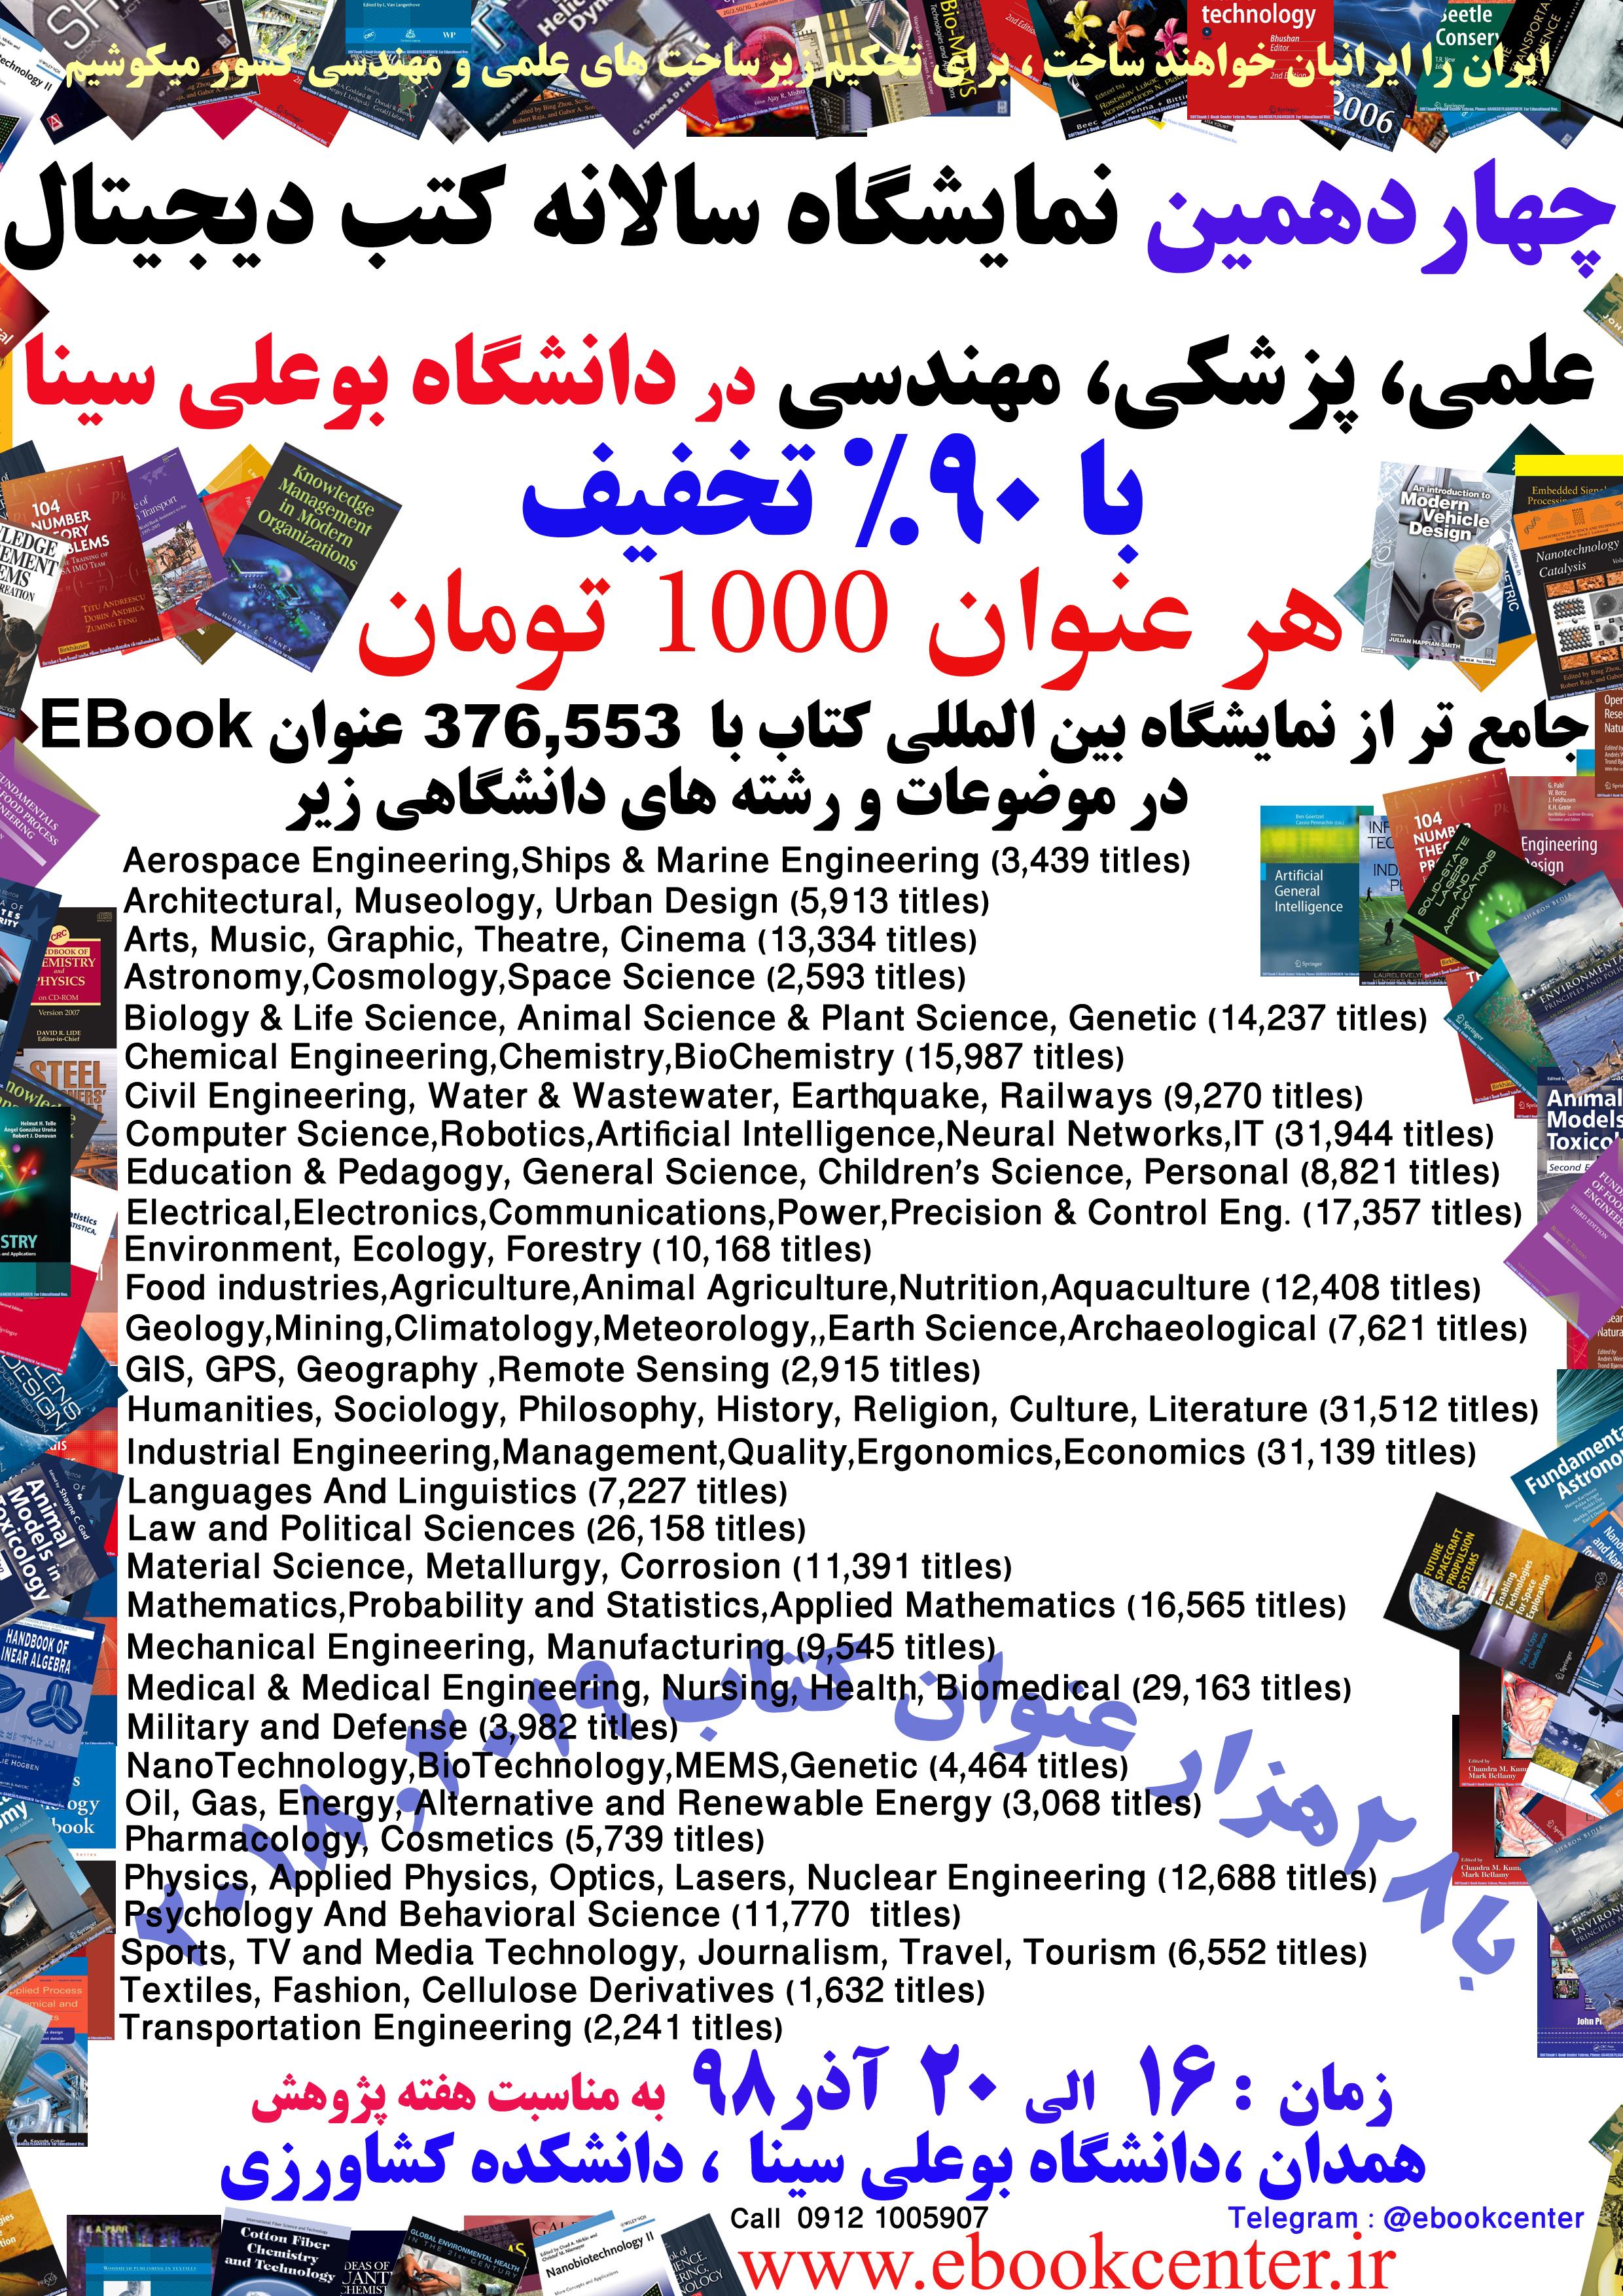 نمایشگاه کتاب فارسی و الکترونیکی در دانشکده کشاورزی به مناسبت هفته پیوهش